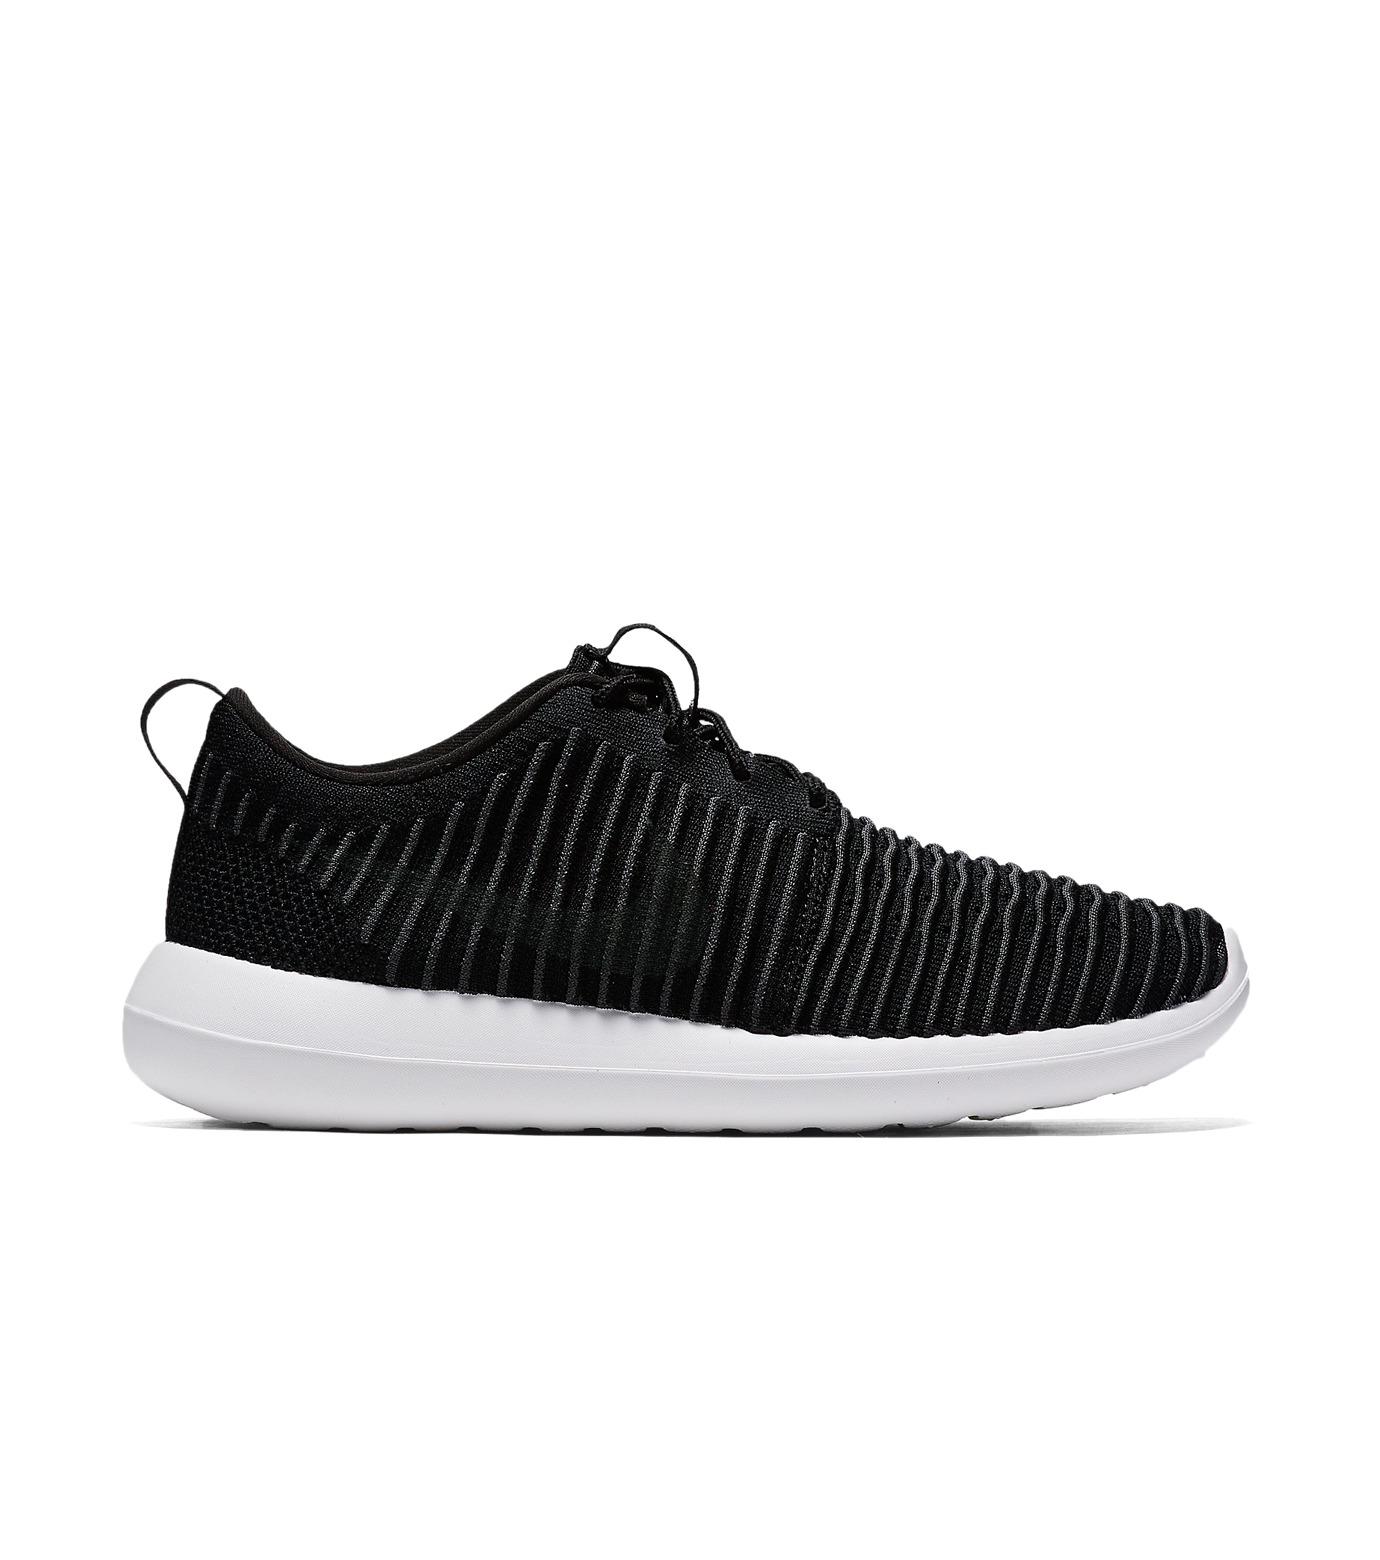 NIKE(ナイキ)のROSHE 2 FLYKNIT-BLACK(シューズ/shoes)-844833-001-13 拡大詳細画像1